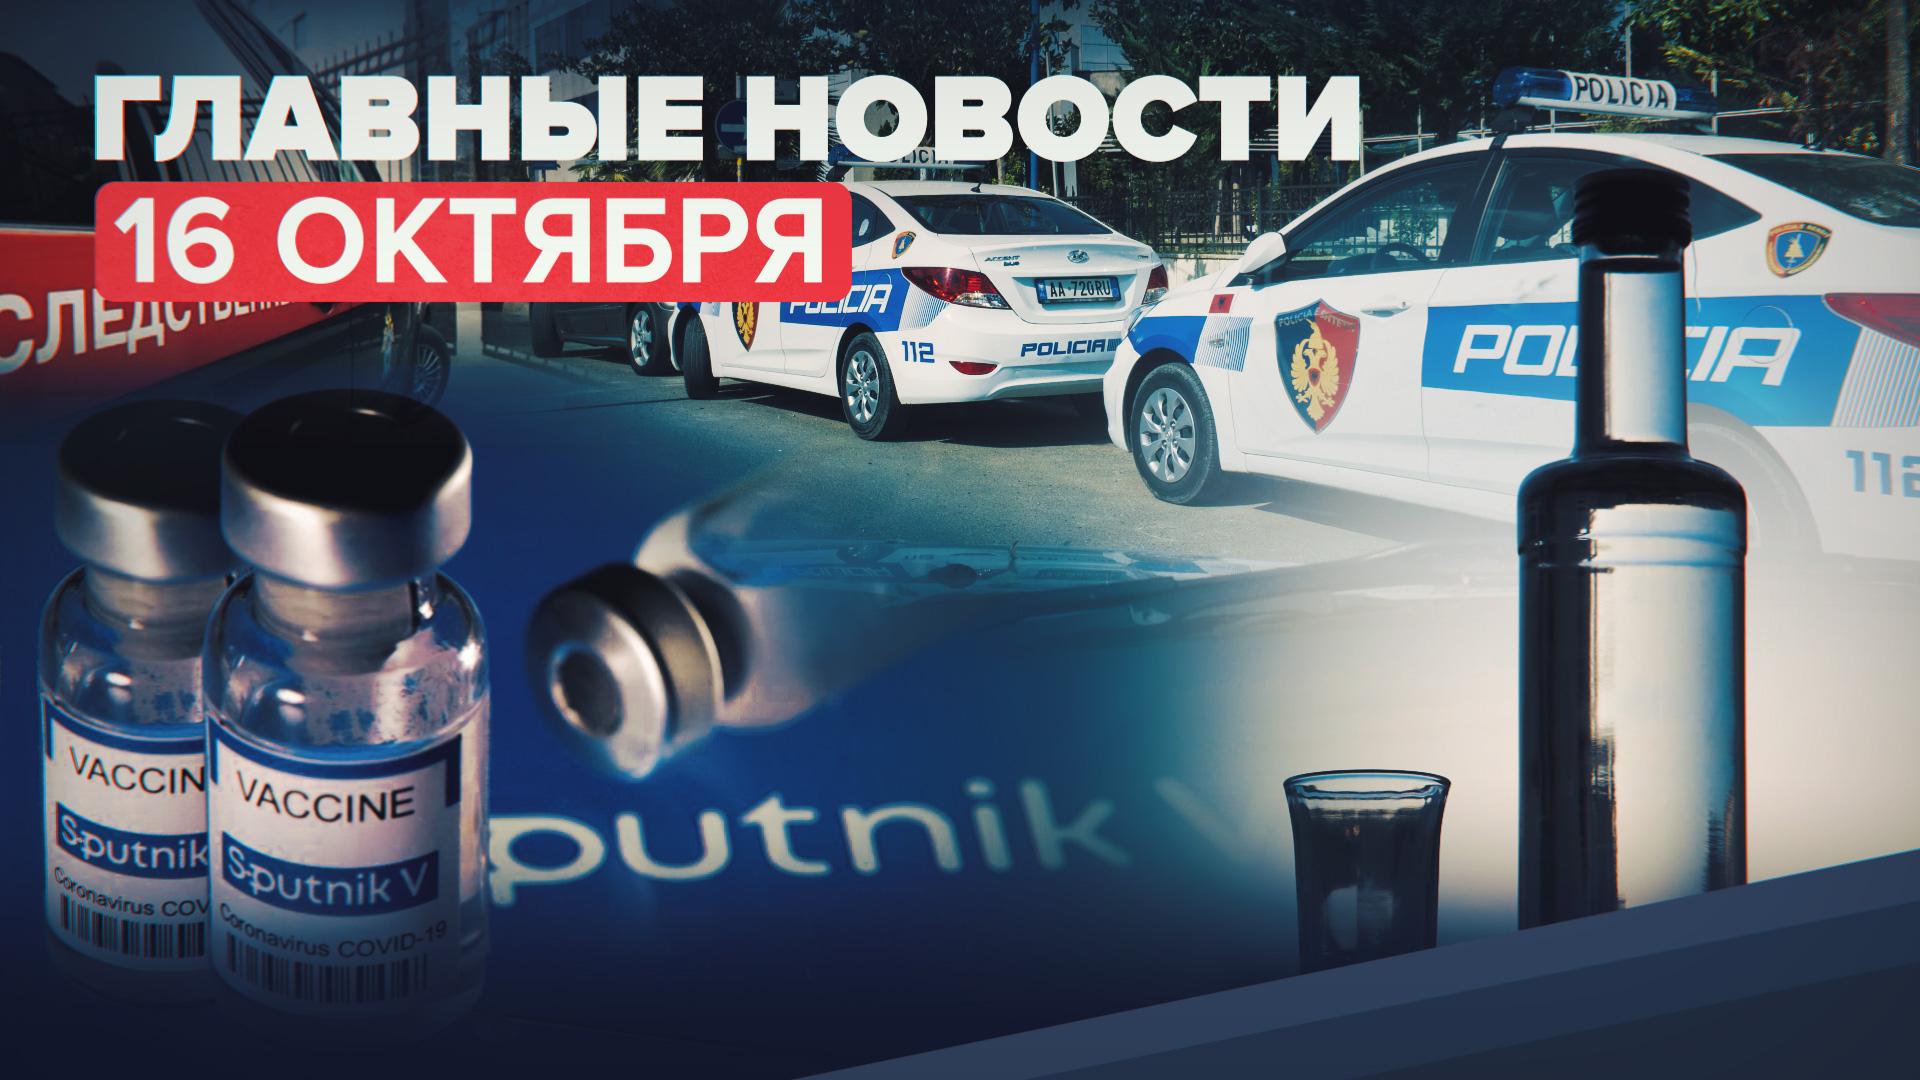 Новости дня — 16 октября: отравление алкоголем в Екатеринбурге, статистика COVID-19